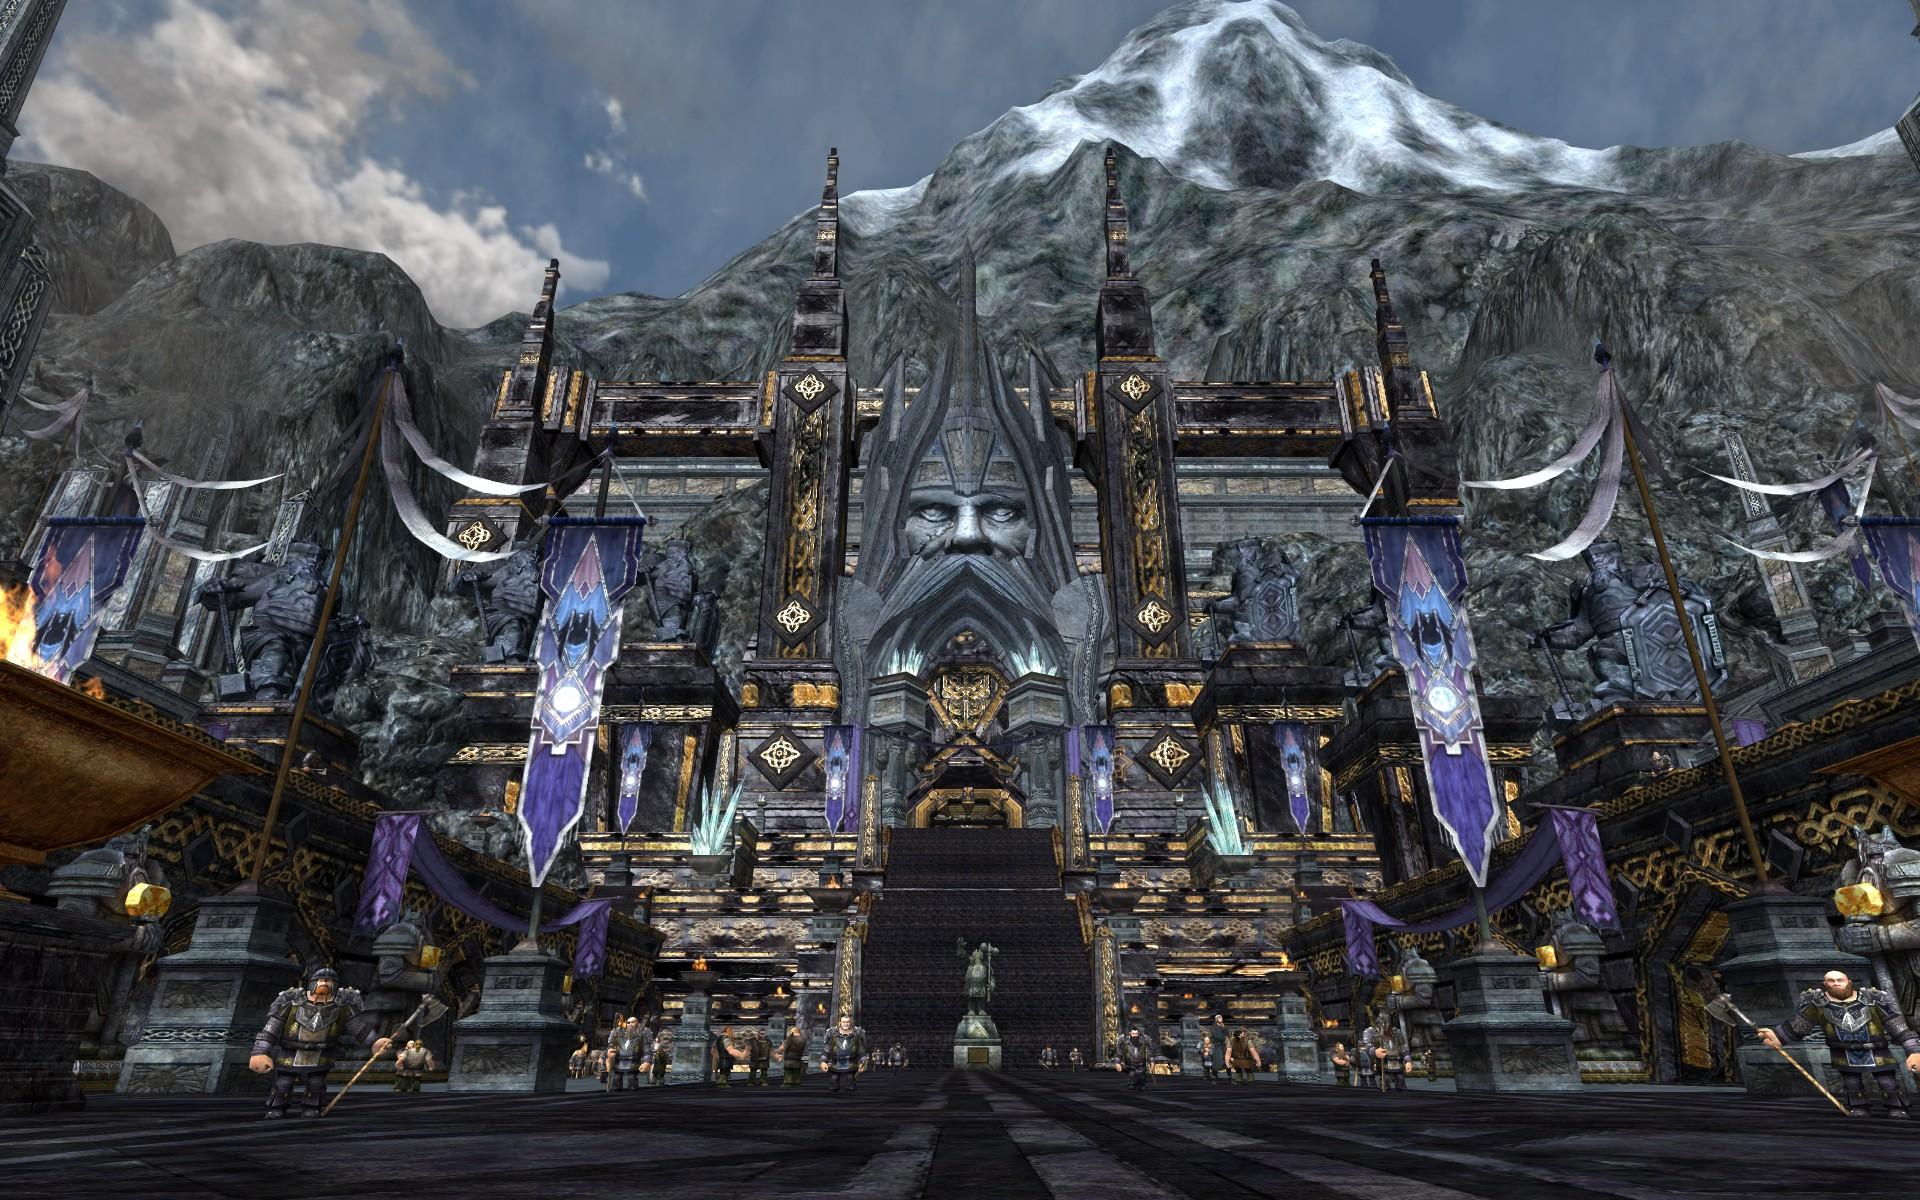 『ロード・オブ・ザ・リングス オンライン』におけるエレボールと山の下の王国の入り口